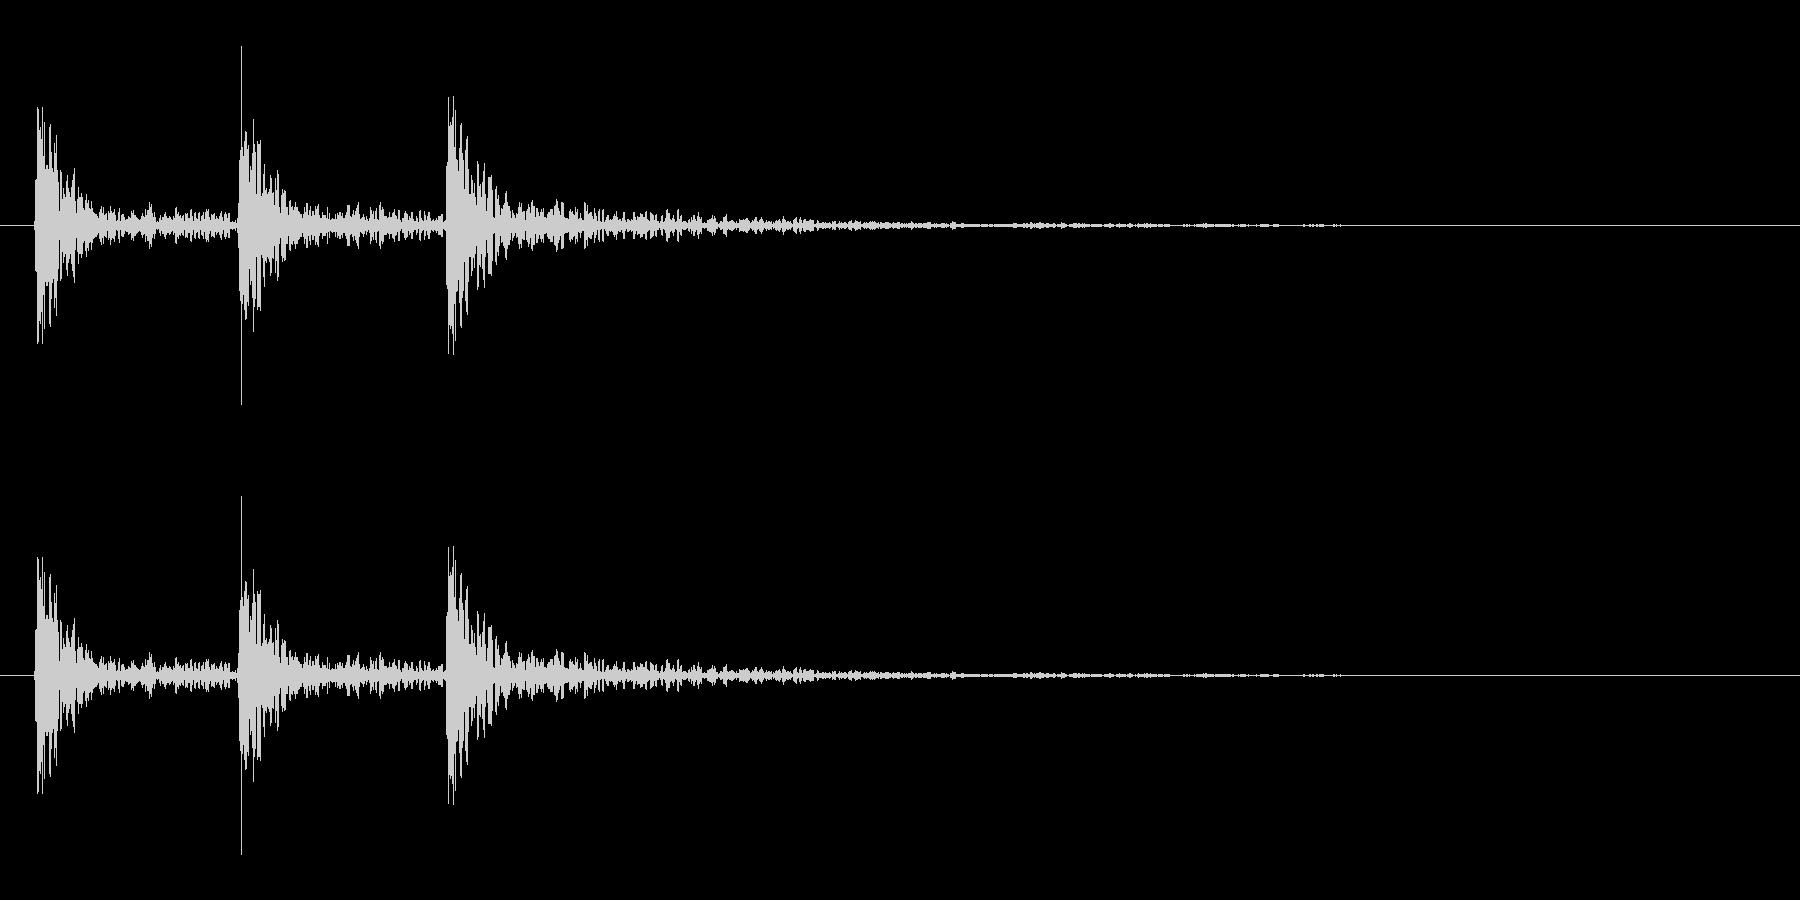 強い打撃音(3発)の未再生の波形